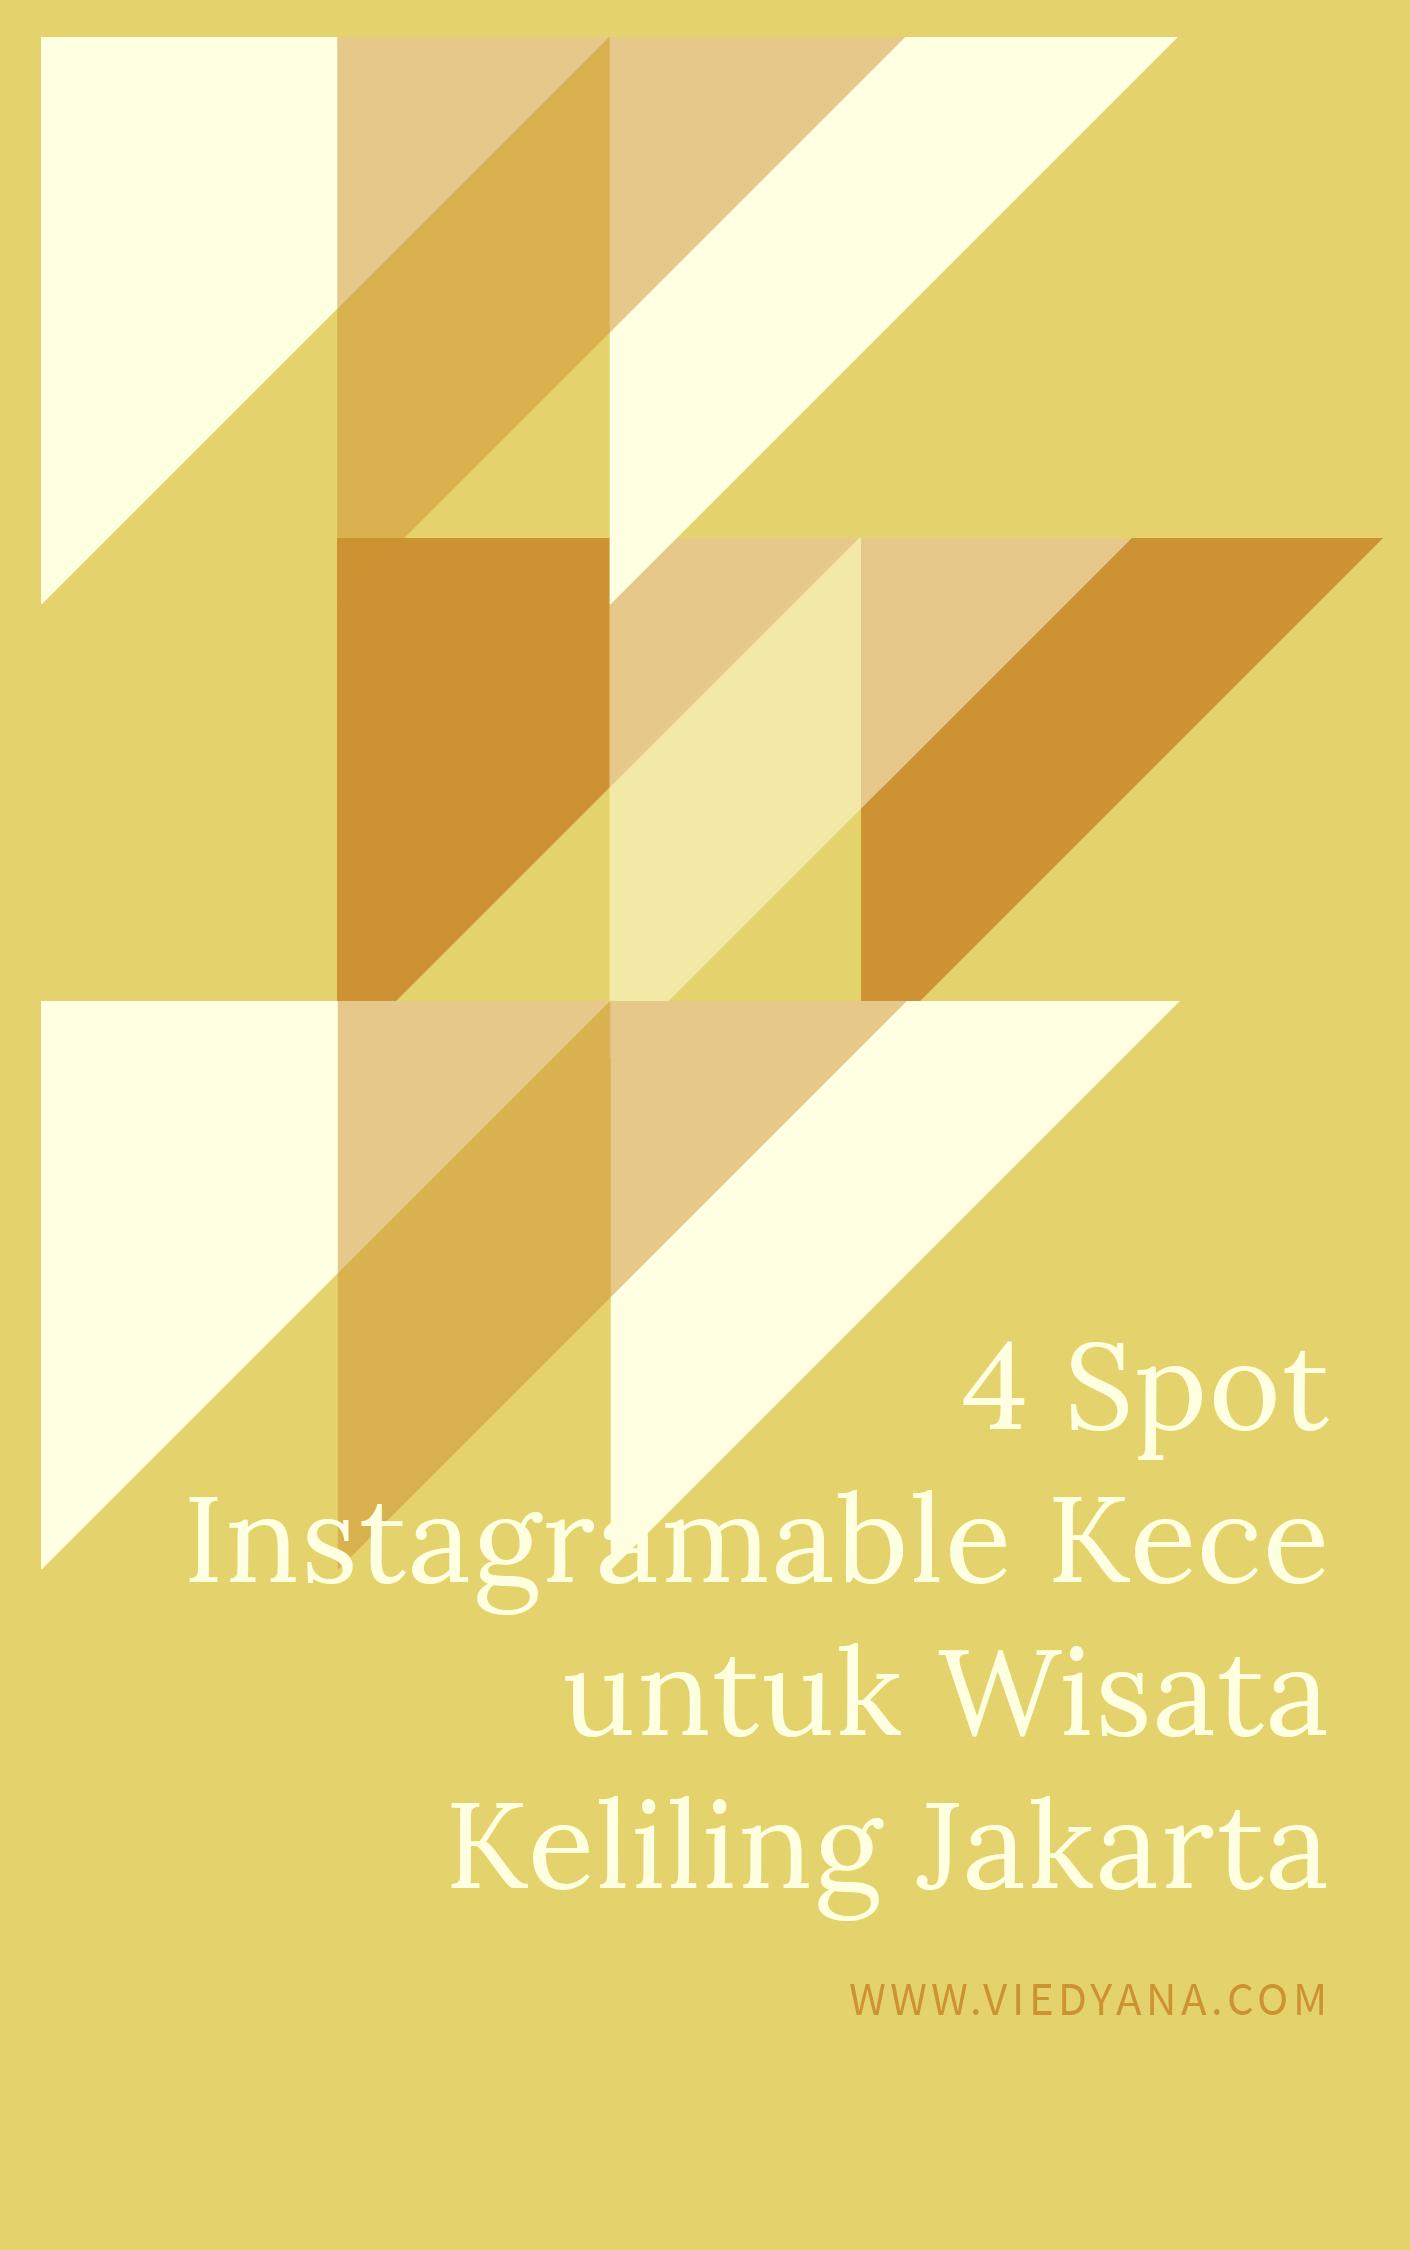 4 Spot Instagramable Kece untuk Wisata Keliling Jakarta